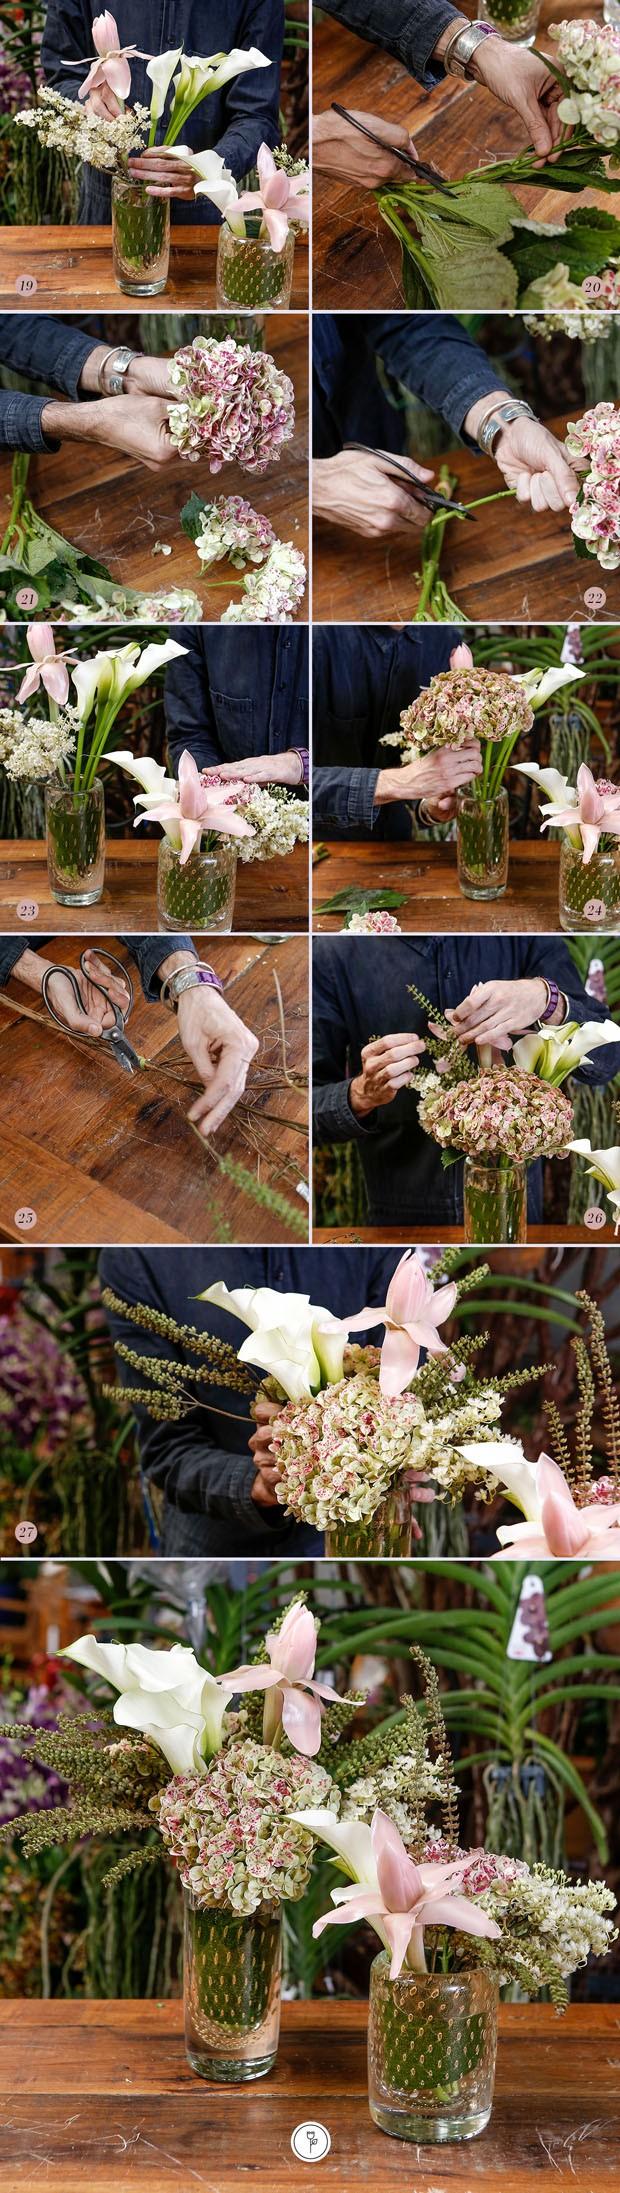 DIY: aprenda a fazer um arranjo de flores com hortênsias e callas (Foto: Julio Acevedo)